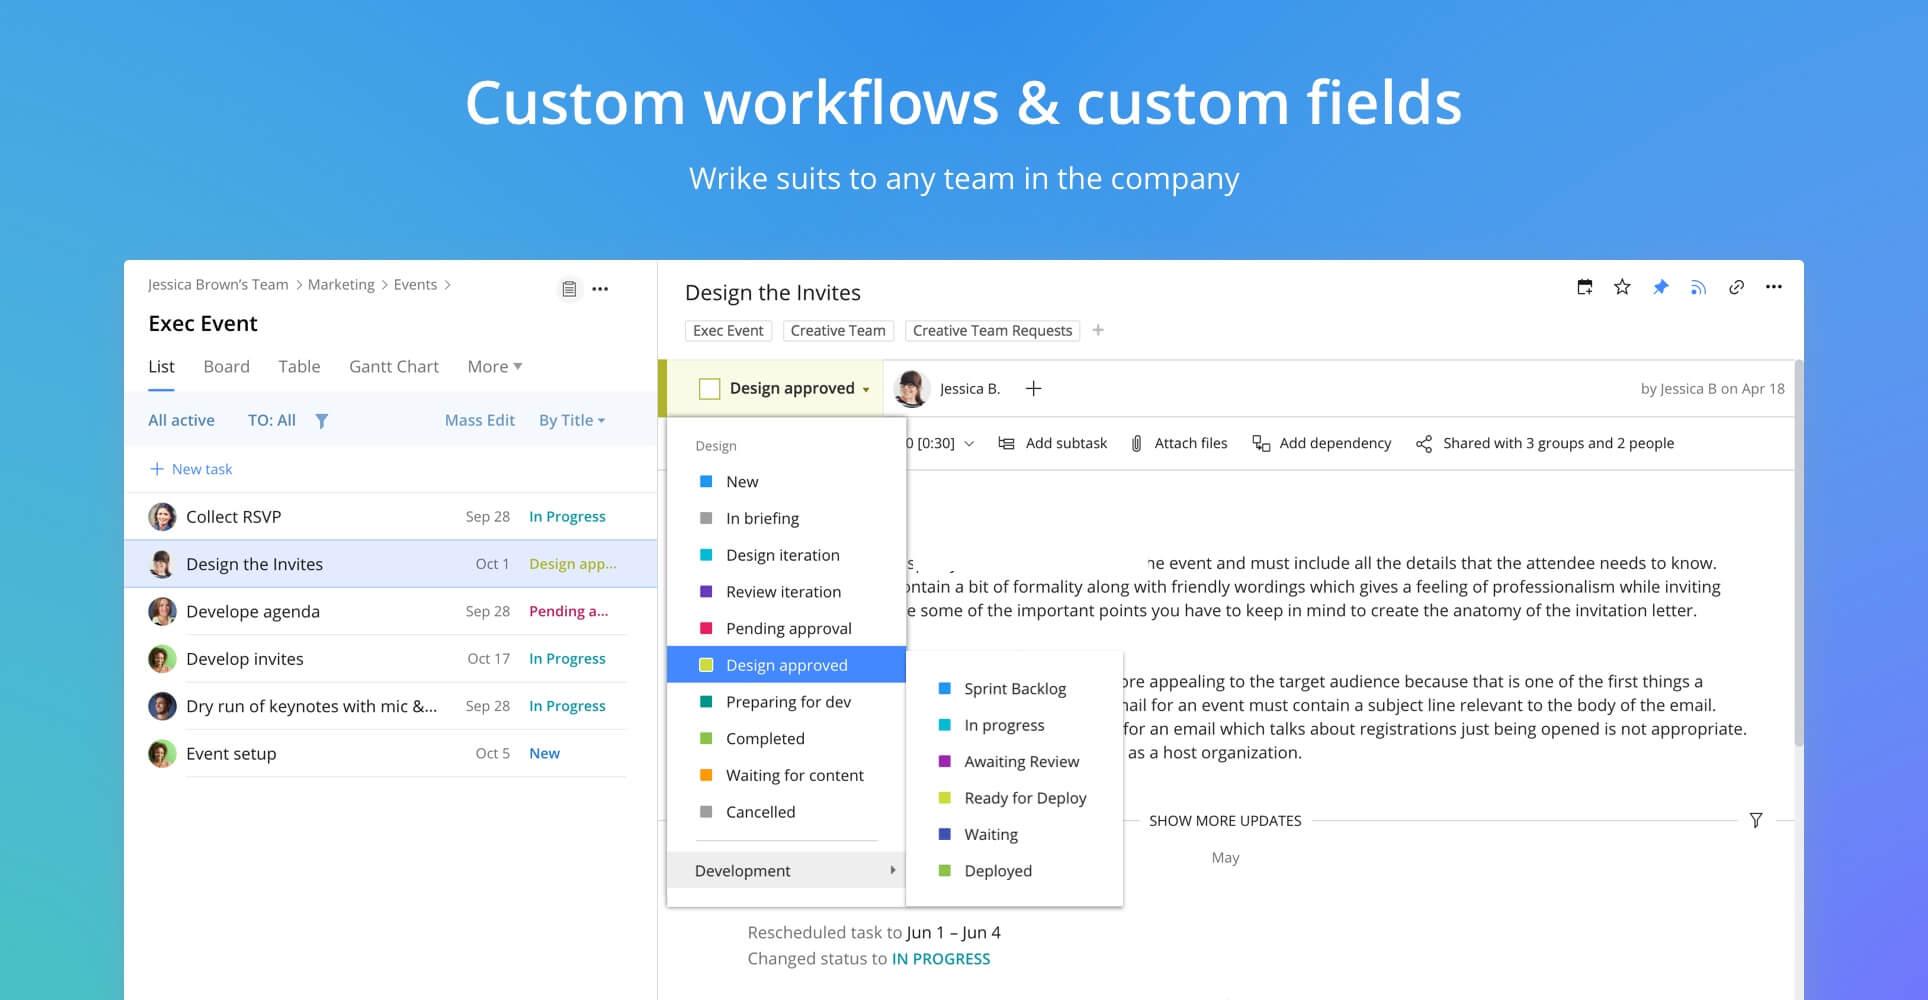 Wrike Demo - Custom workflows & custom fields